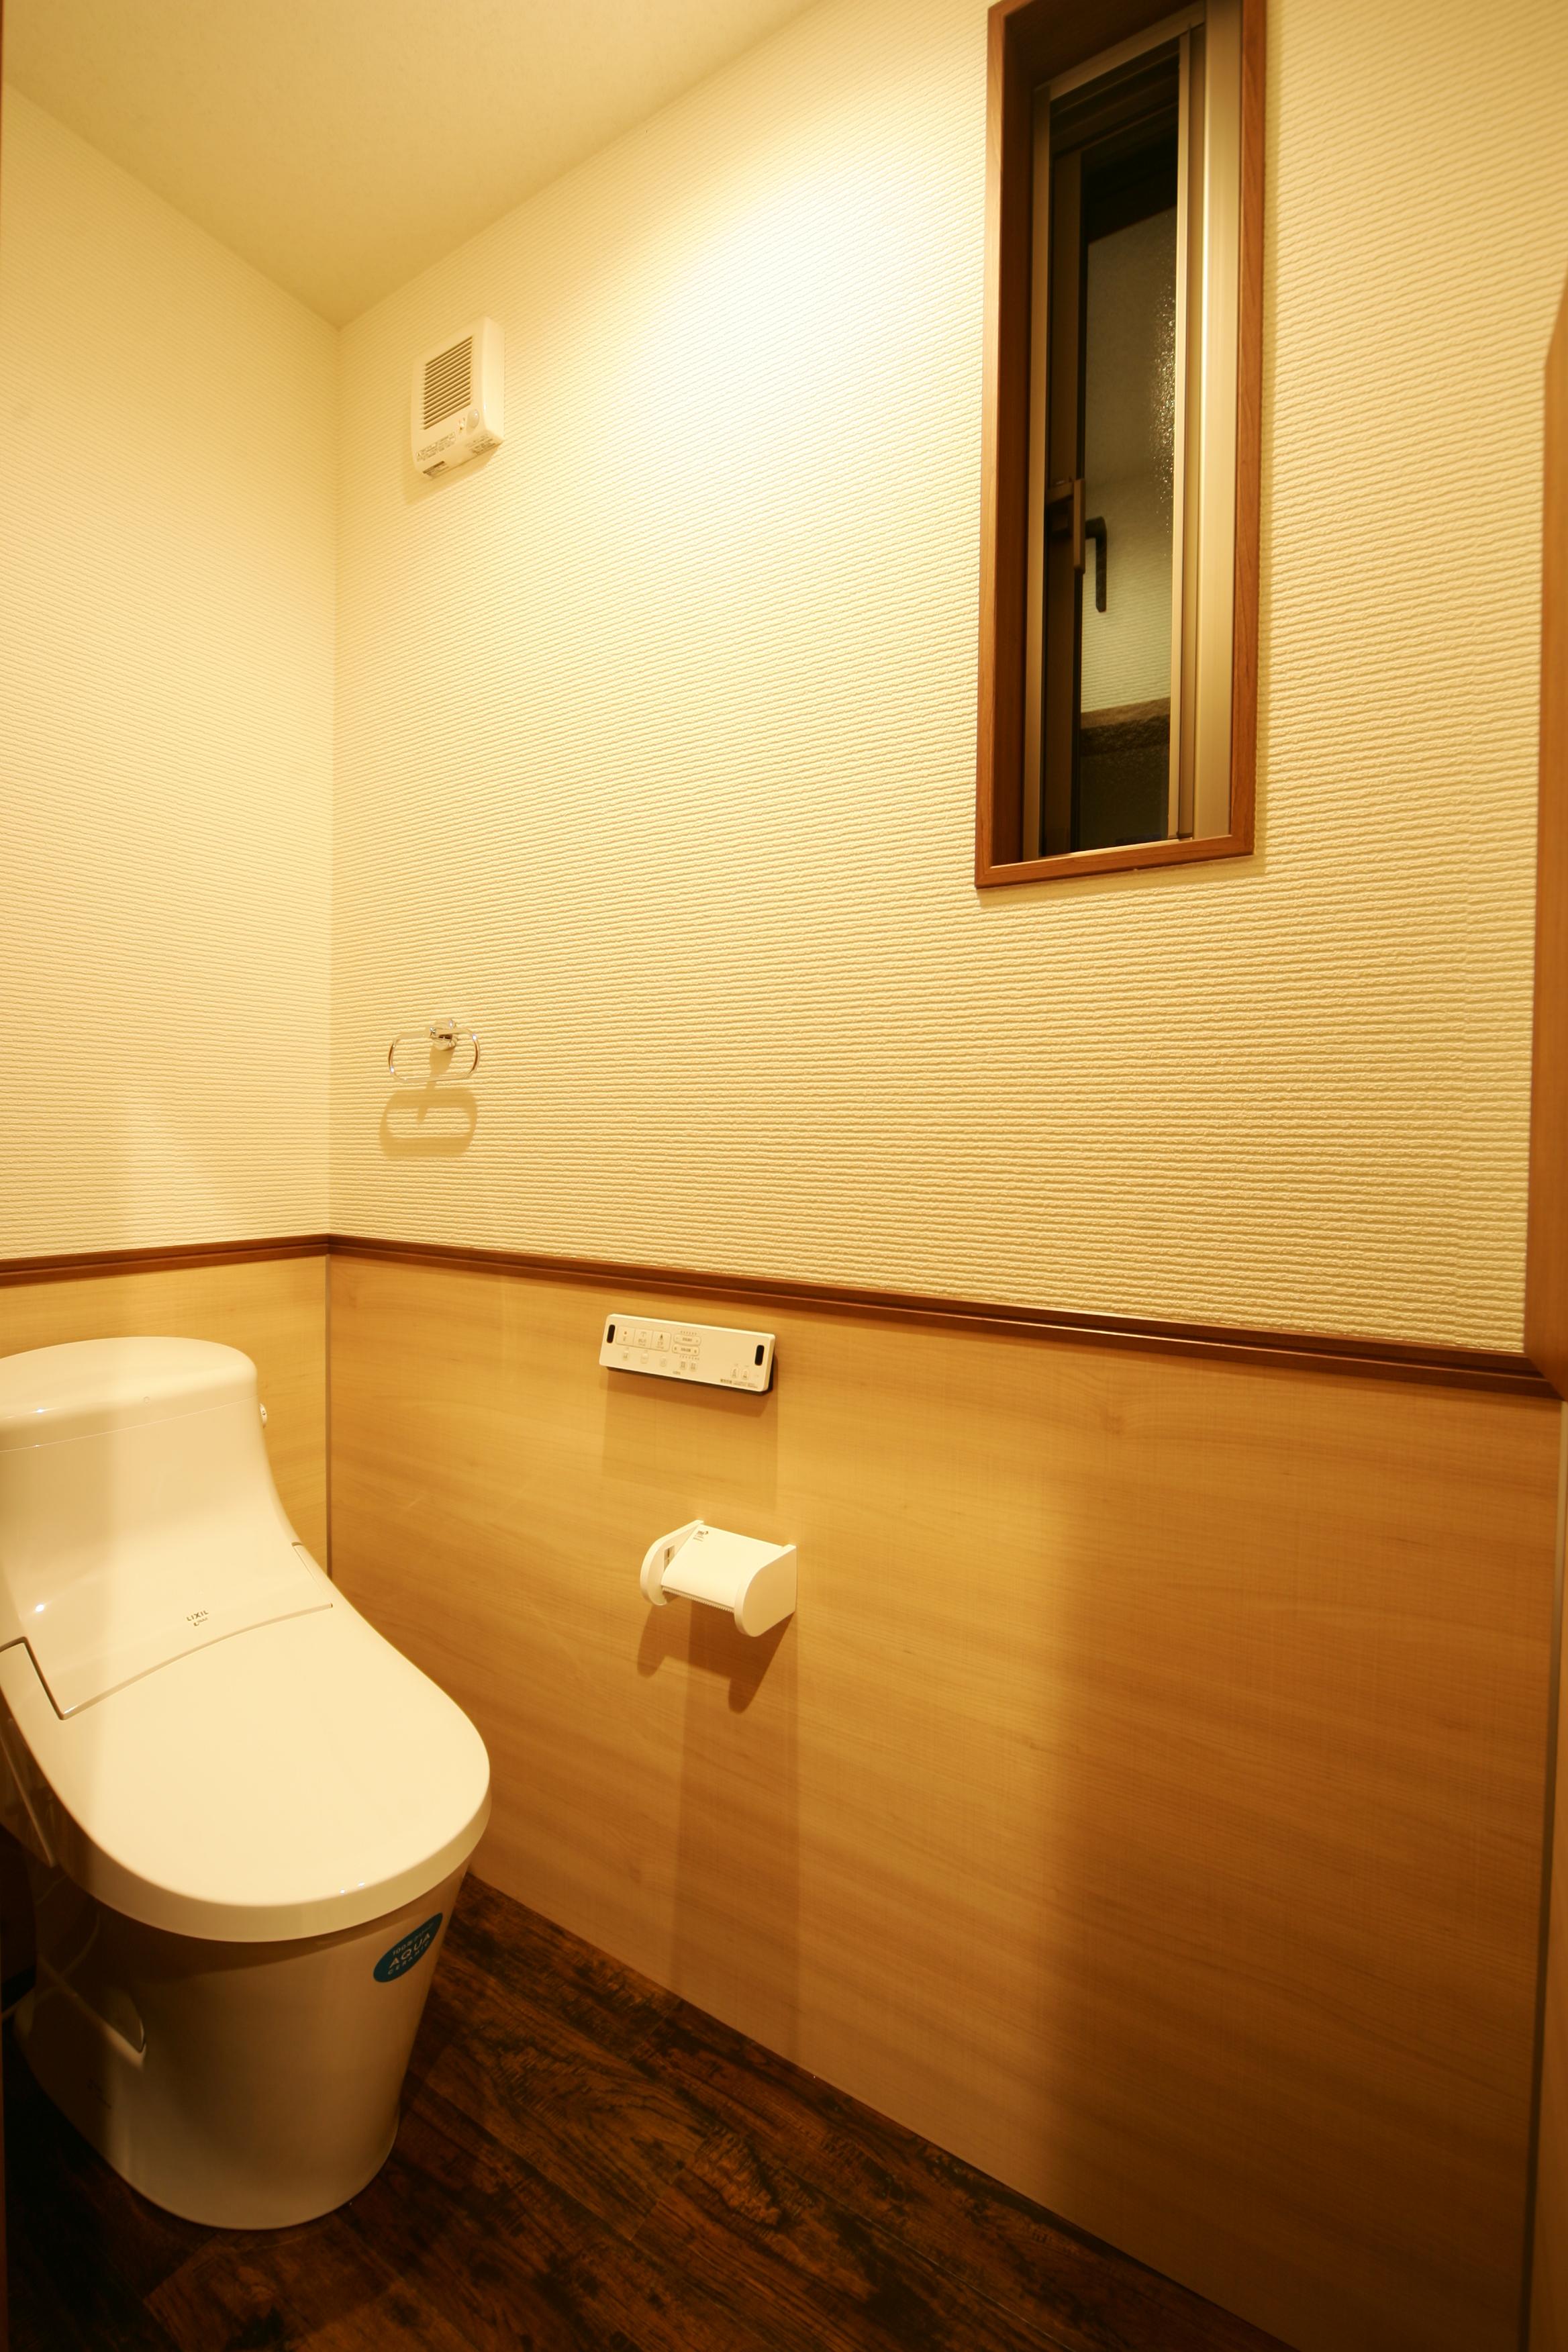 住まいるコーポレーション【子育て、自然素材、間取り】2階のトイレ。壁の下部のクロスは、拭けば汚れがすぐとれるクロスを使用。メンテナンスが簡単なので、常に美しさと清潔さをキープできる